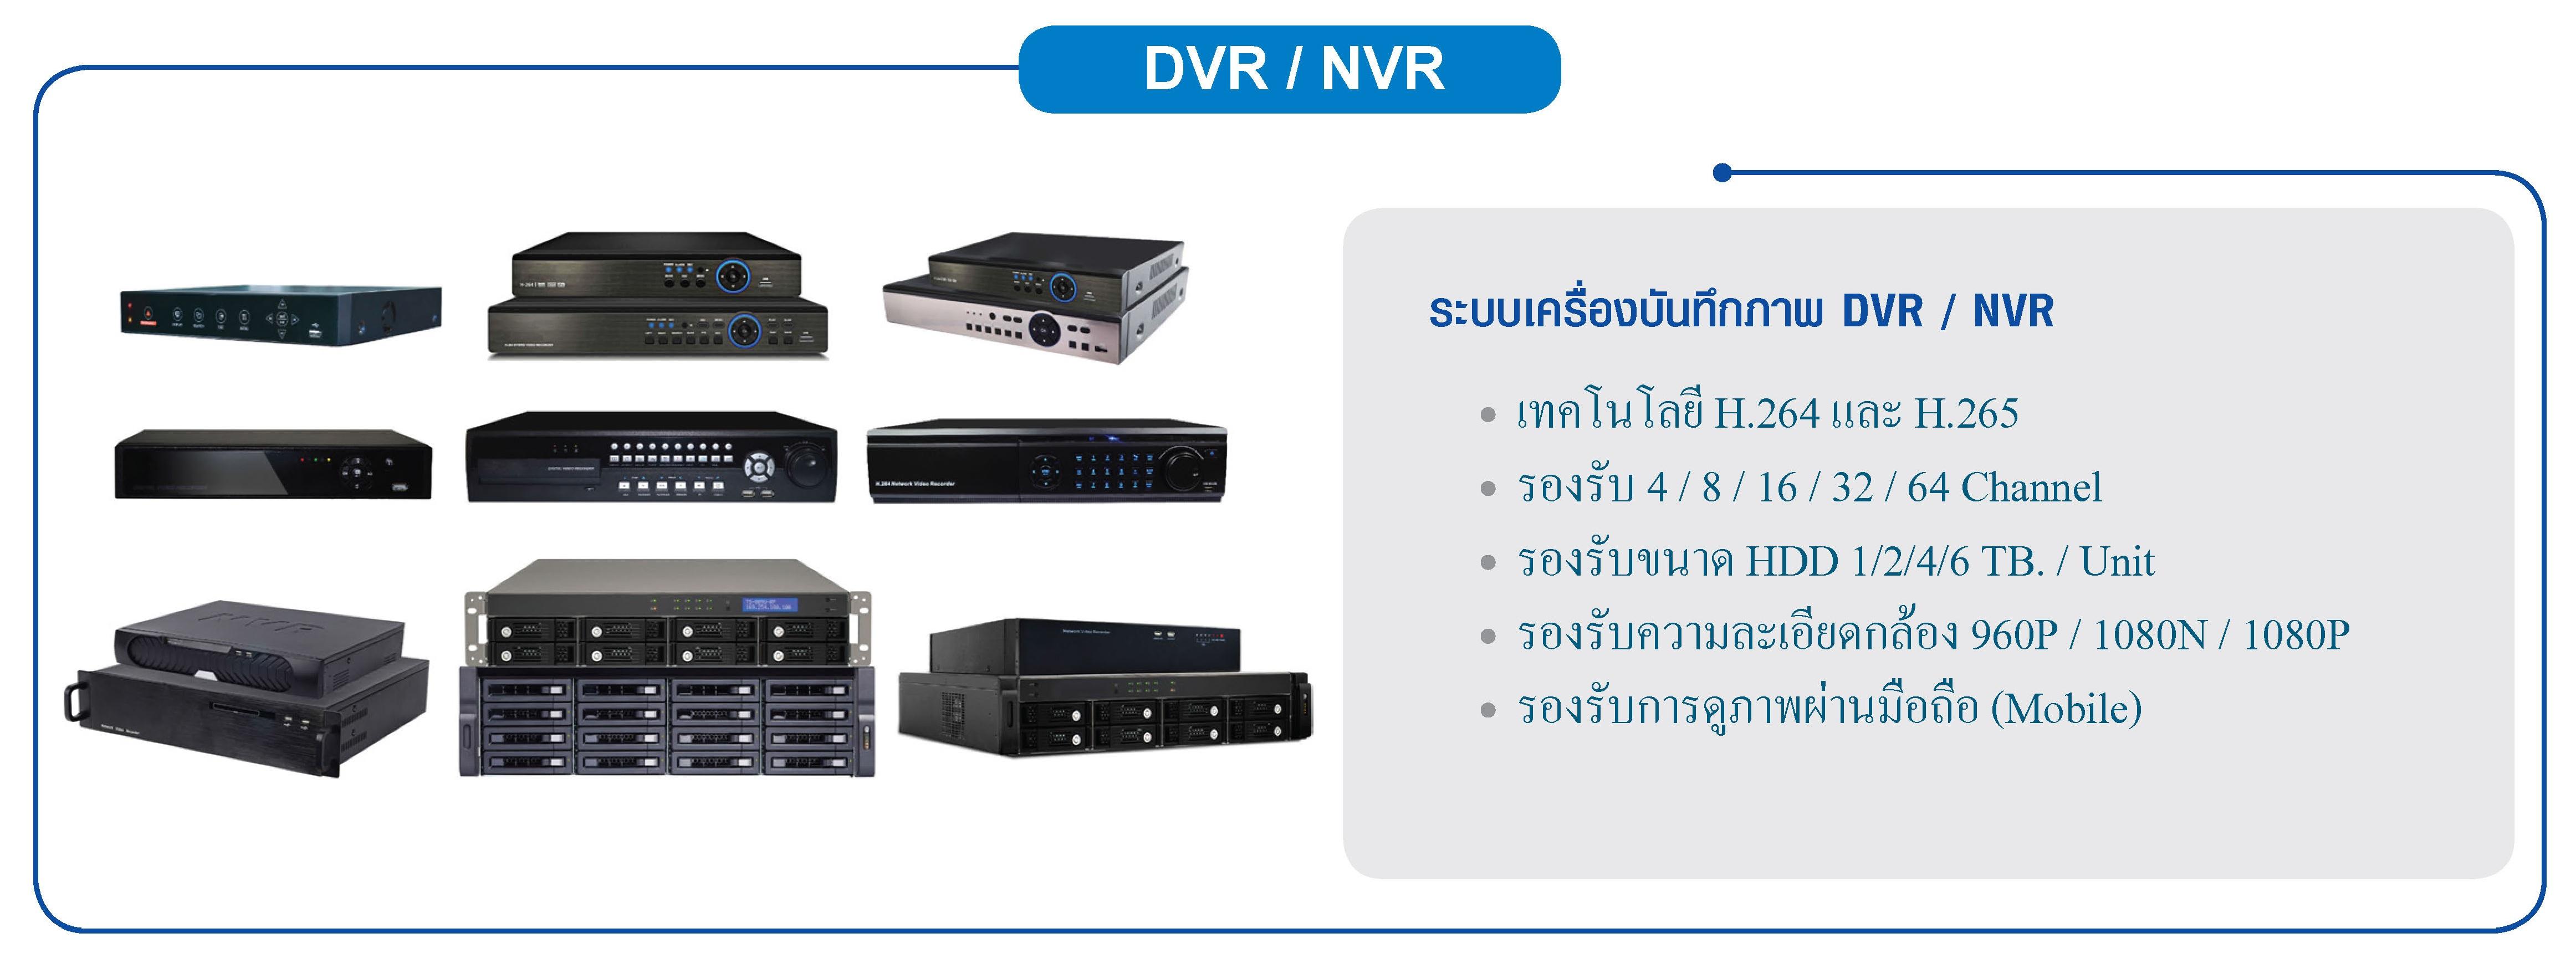 เครื่องบันทึก DVR / NVR